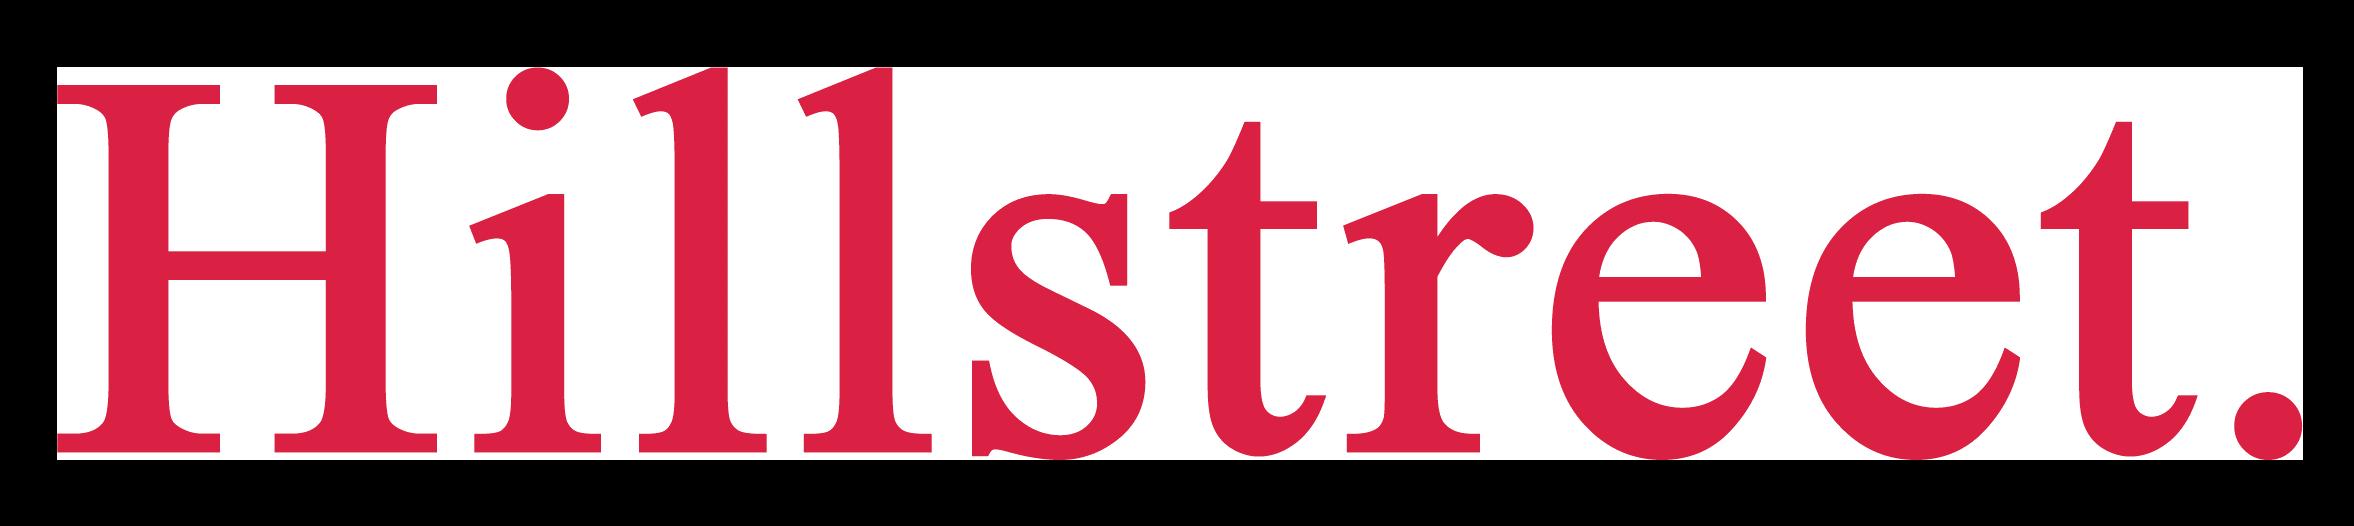 hillstreet logo.png